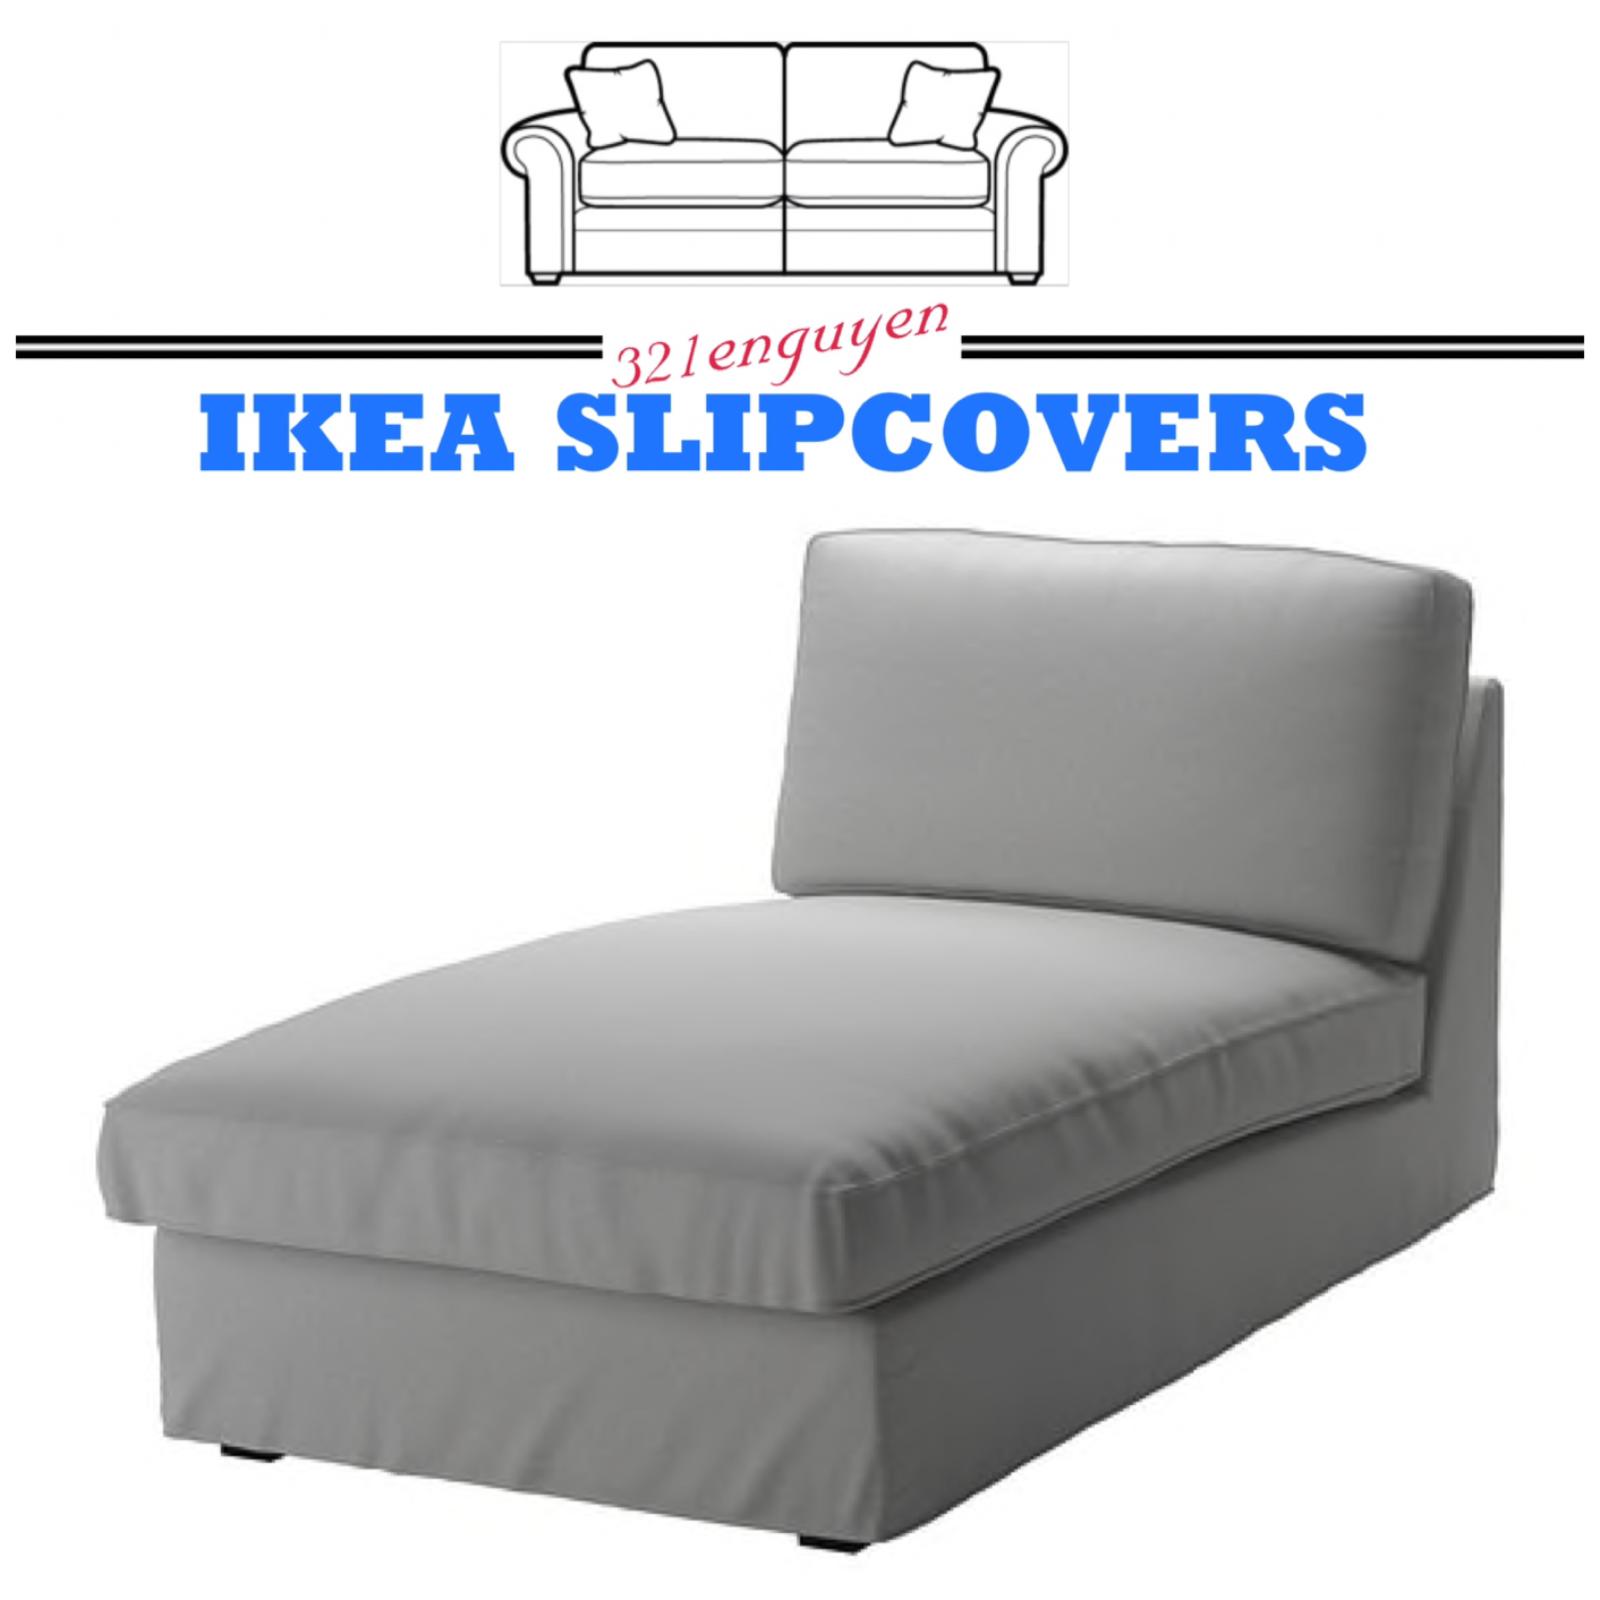 IKEA KIVIK Chaise Lounge Slipcover Cover Orrsta Light Gray